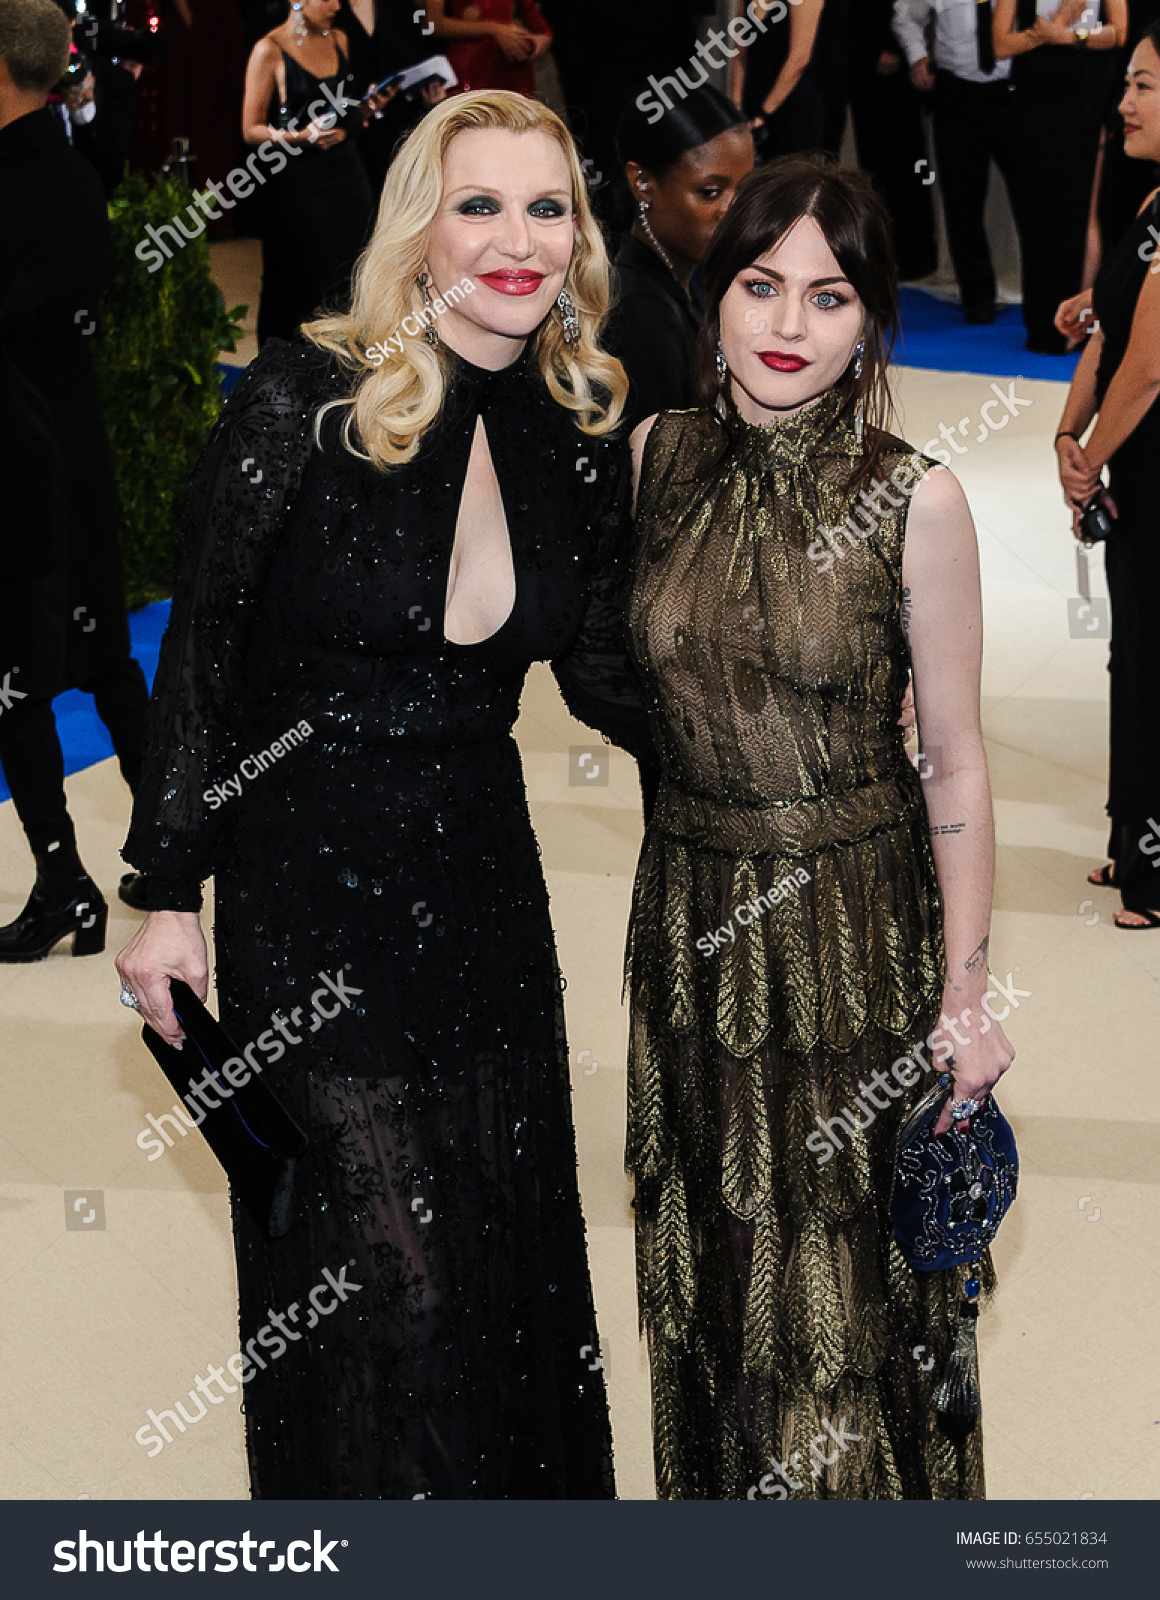 Frances bean cobain at met costume institute gala in new york new pics